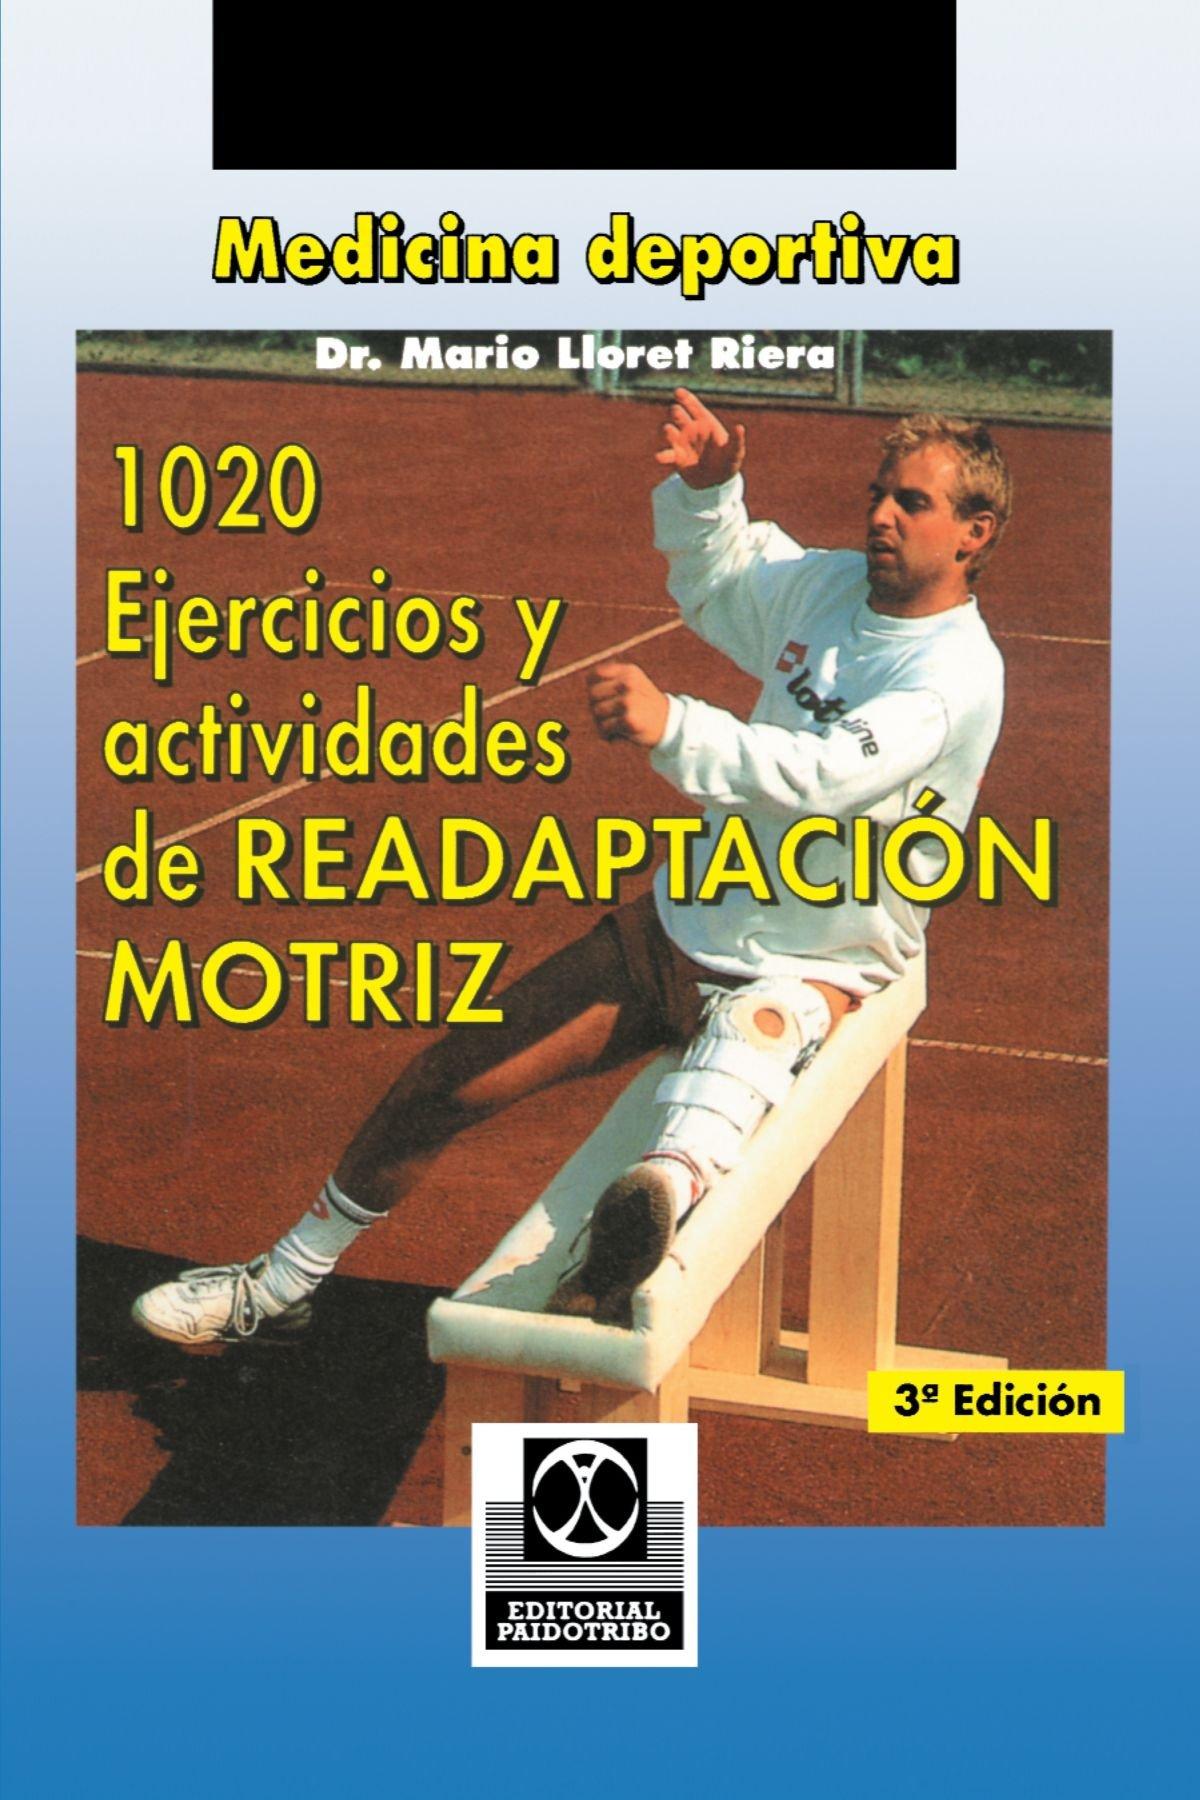 1020 Ejercicious y Actividades de Readaptacion Motriz: Mario Lloret, Jose  Antonio Sancha de Prada: 9780595194278: Physical Therapy: Amazon Canada